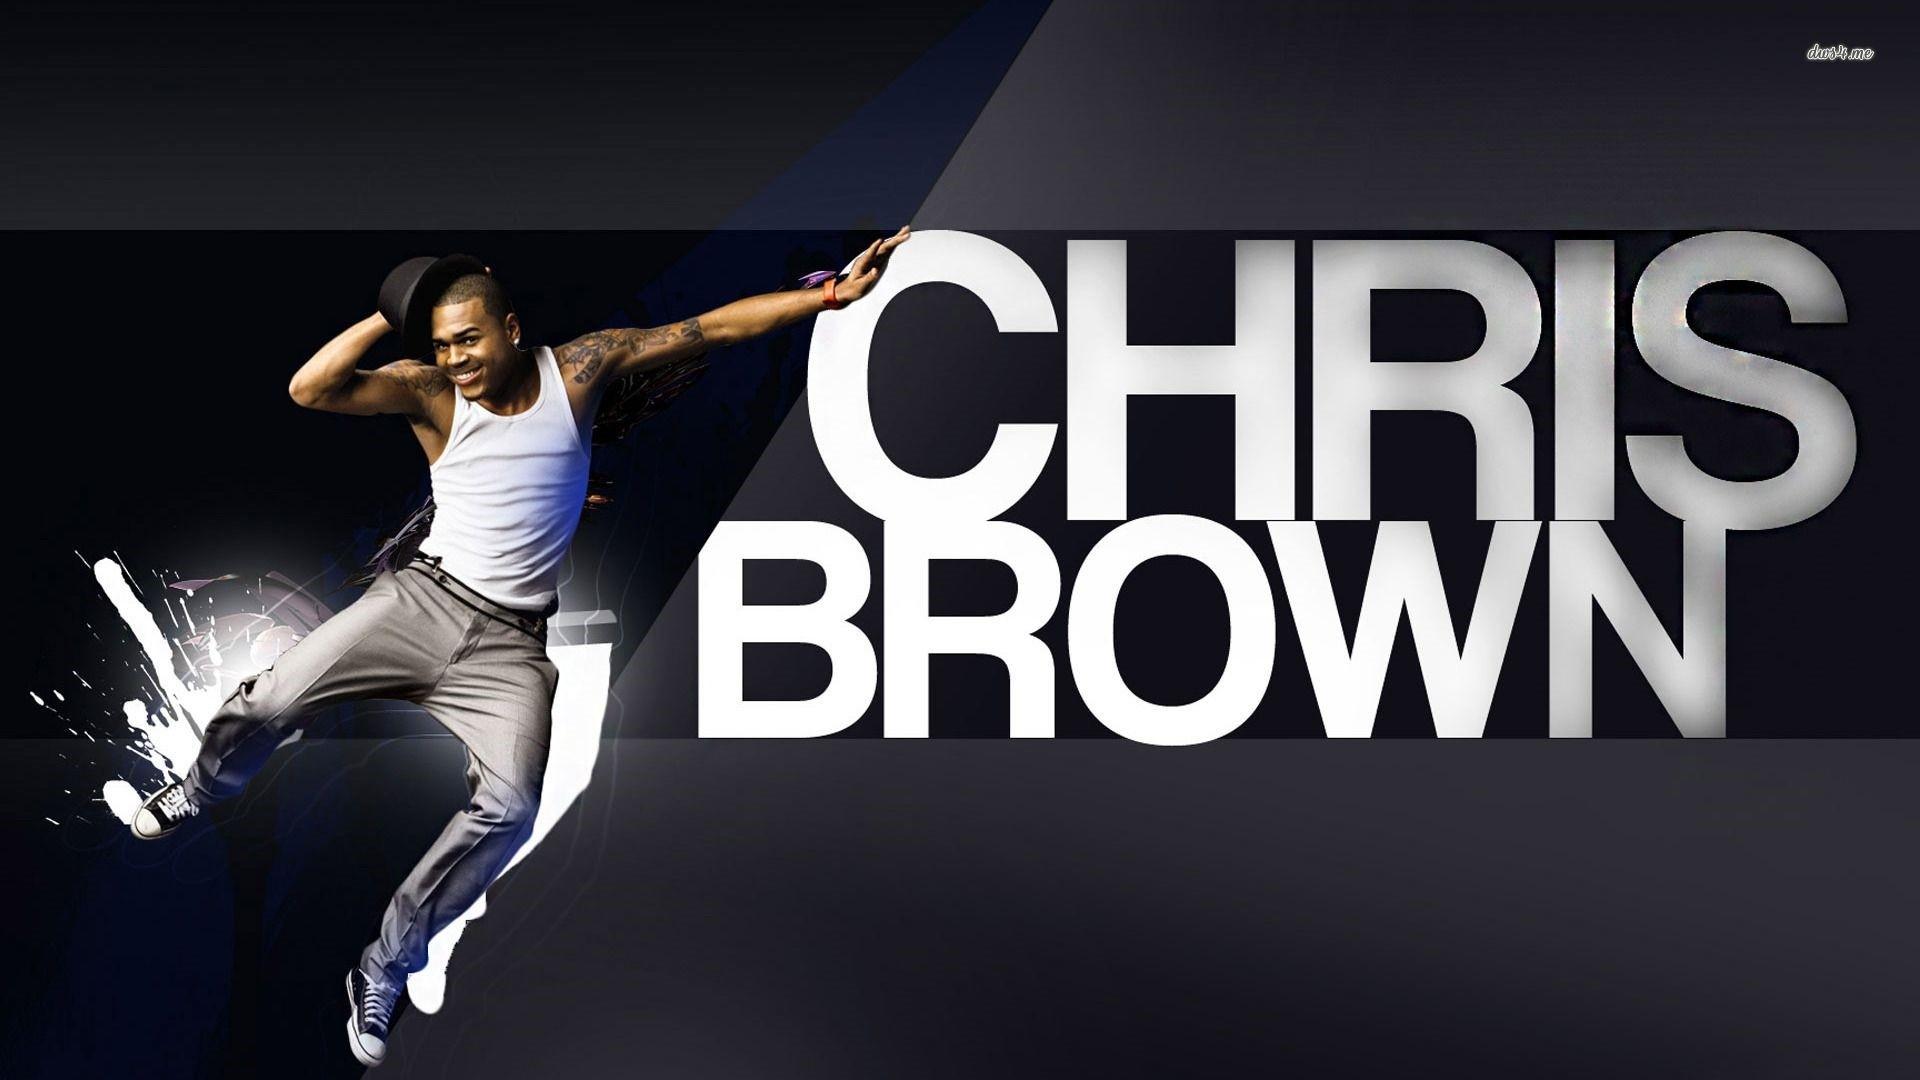 Chris Brown Pic